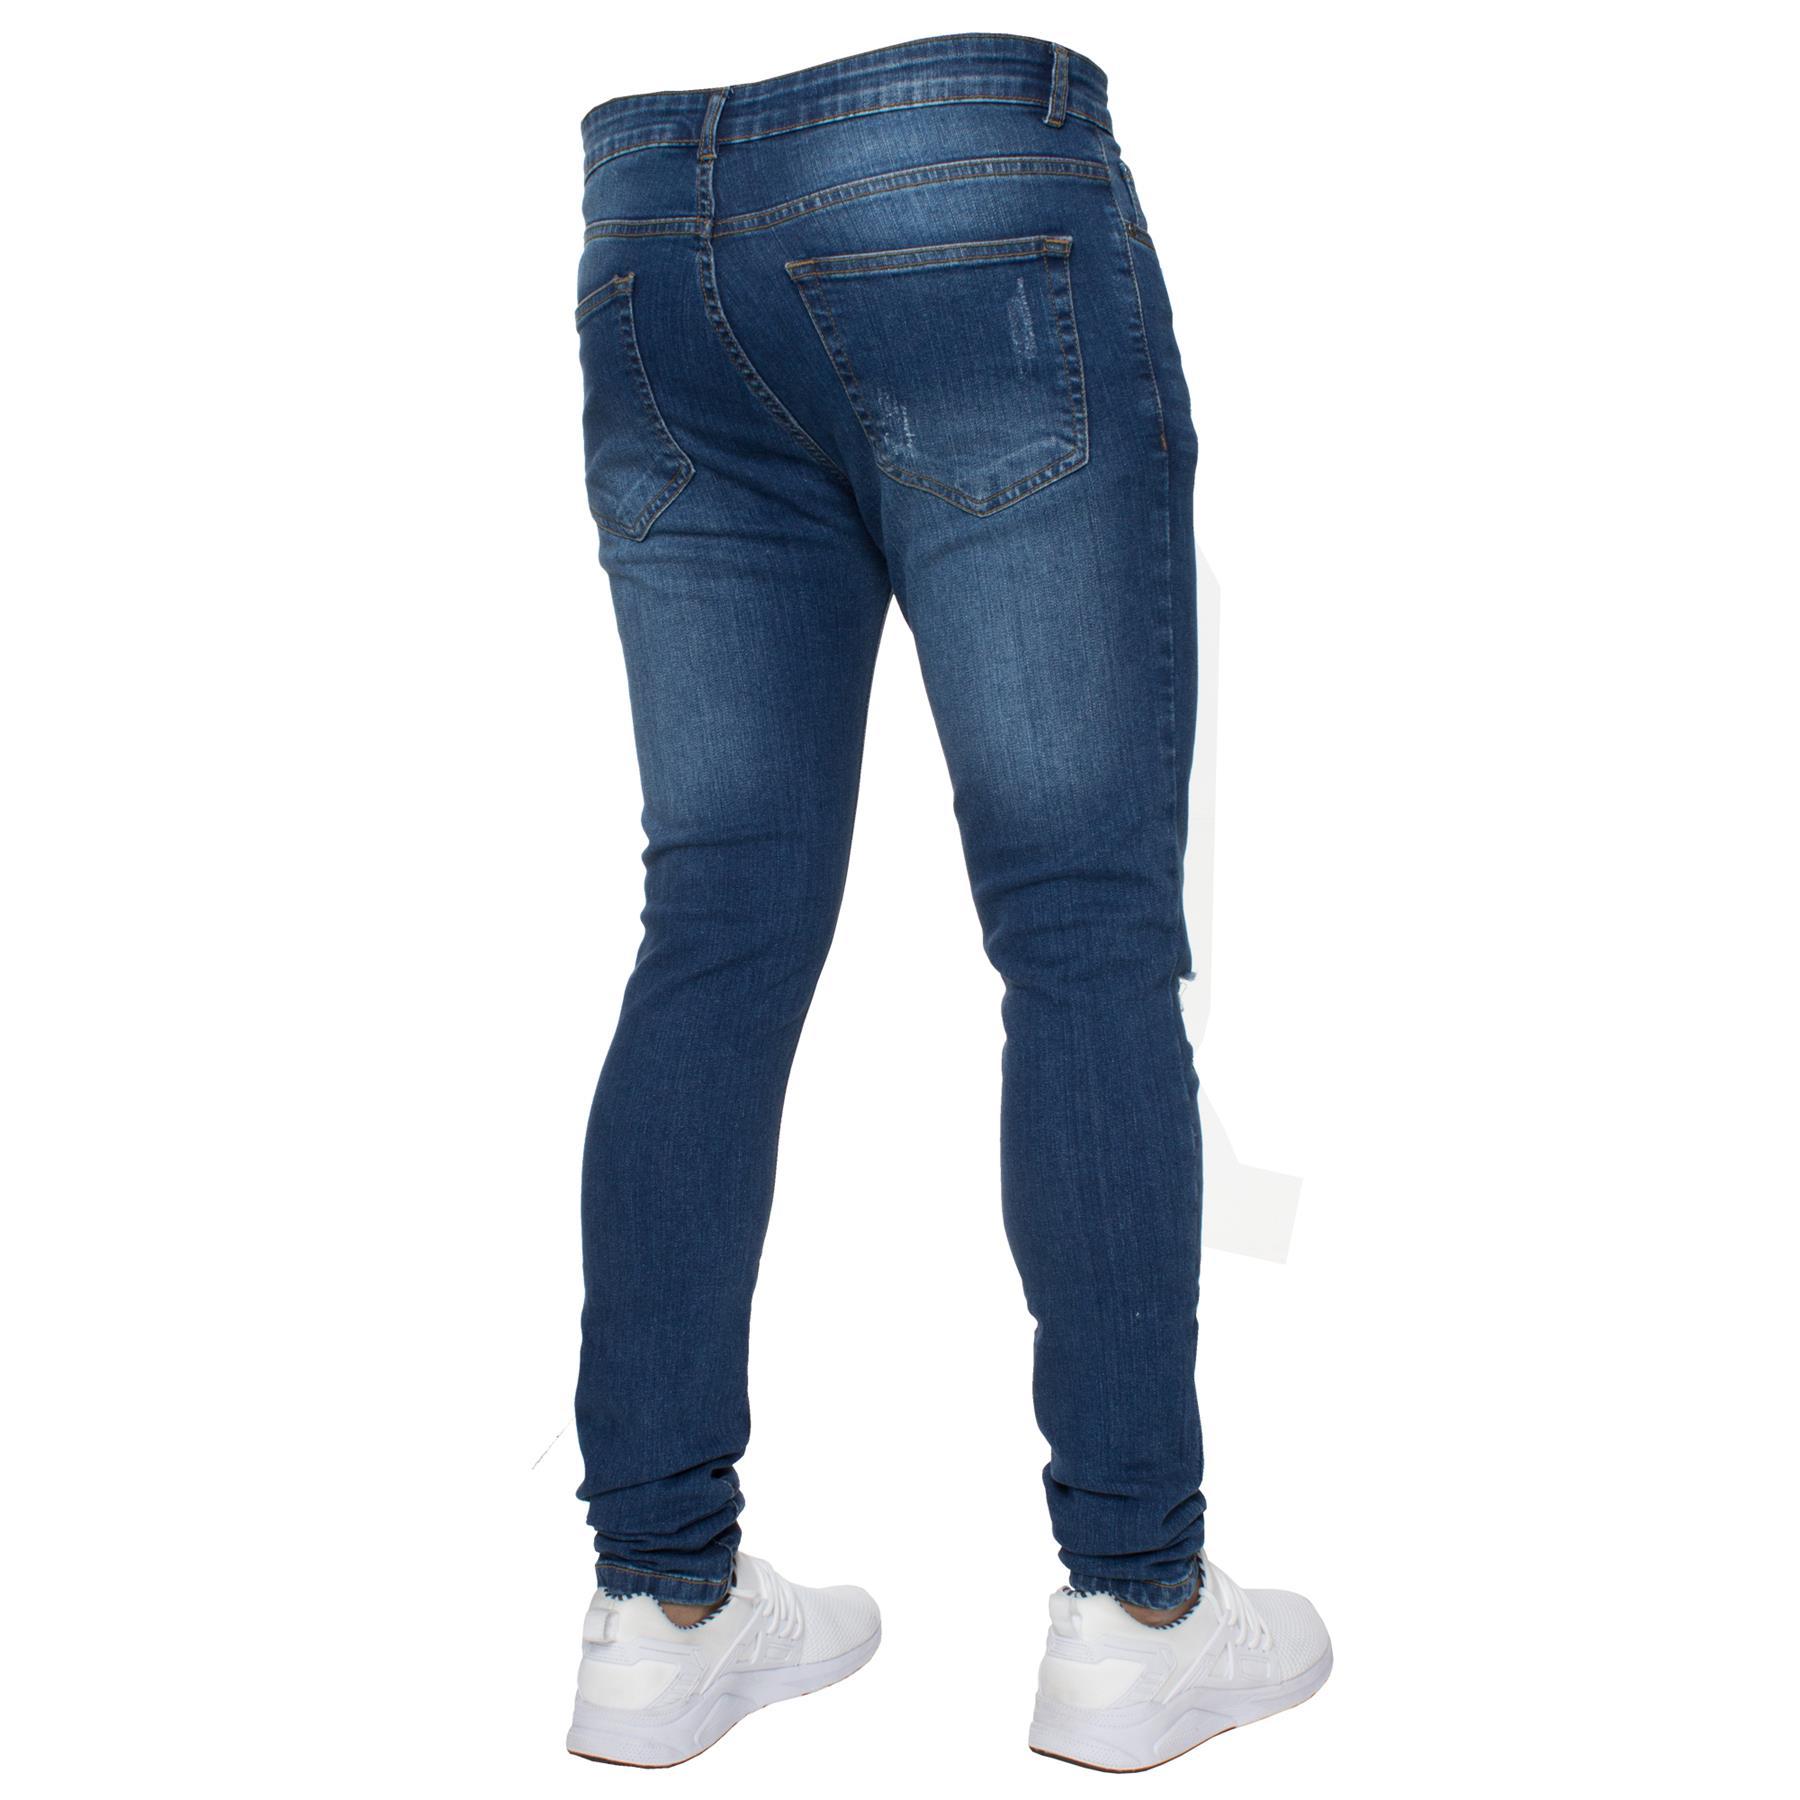 Para-hombre-Super-Skinny-Ripped-Jeans-Pantalones-Ajustados-desgastados-Denim-Envejecido-Todas miniatura 3